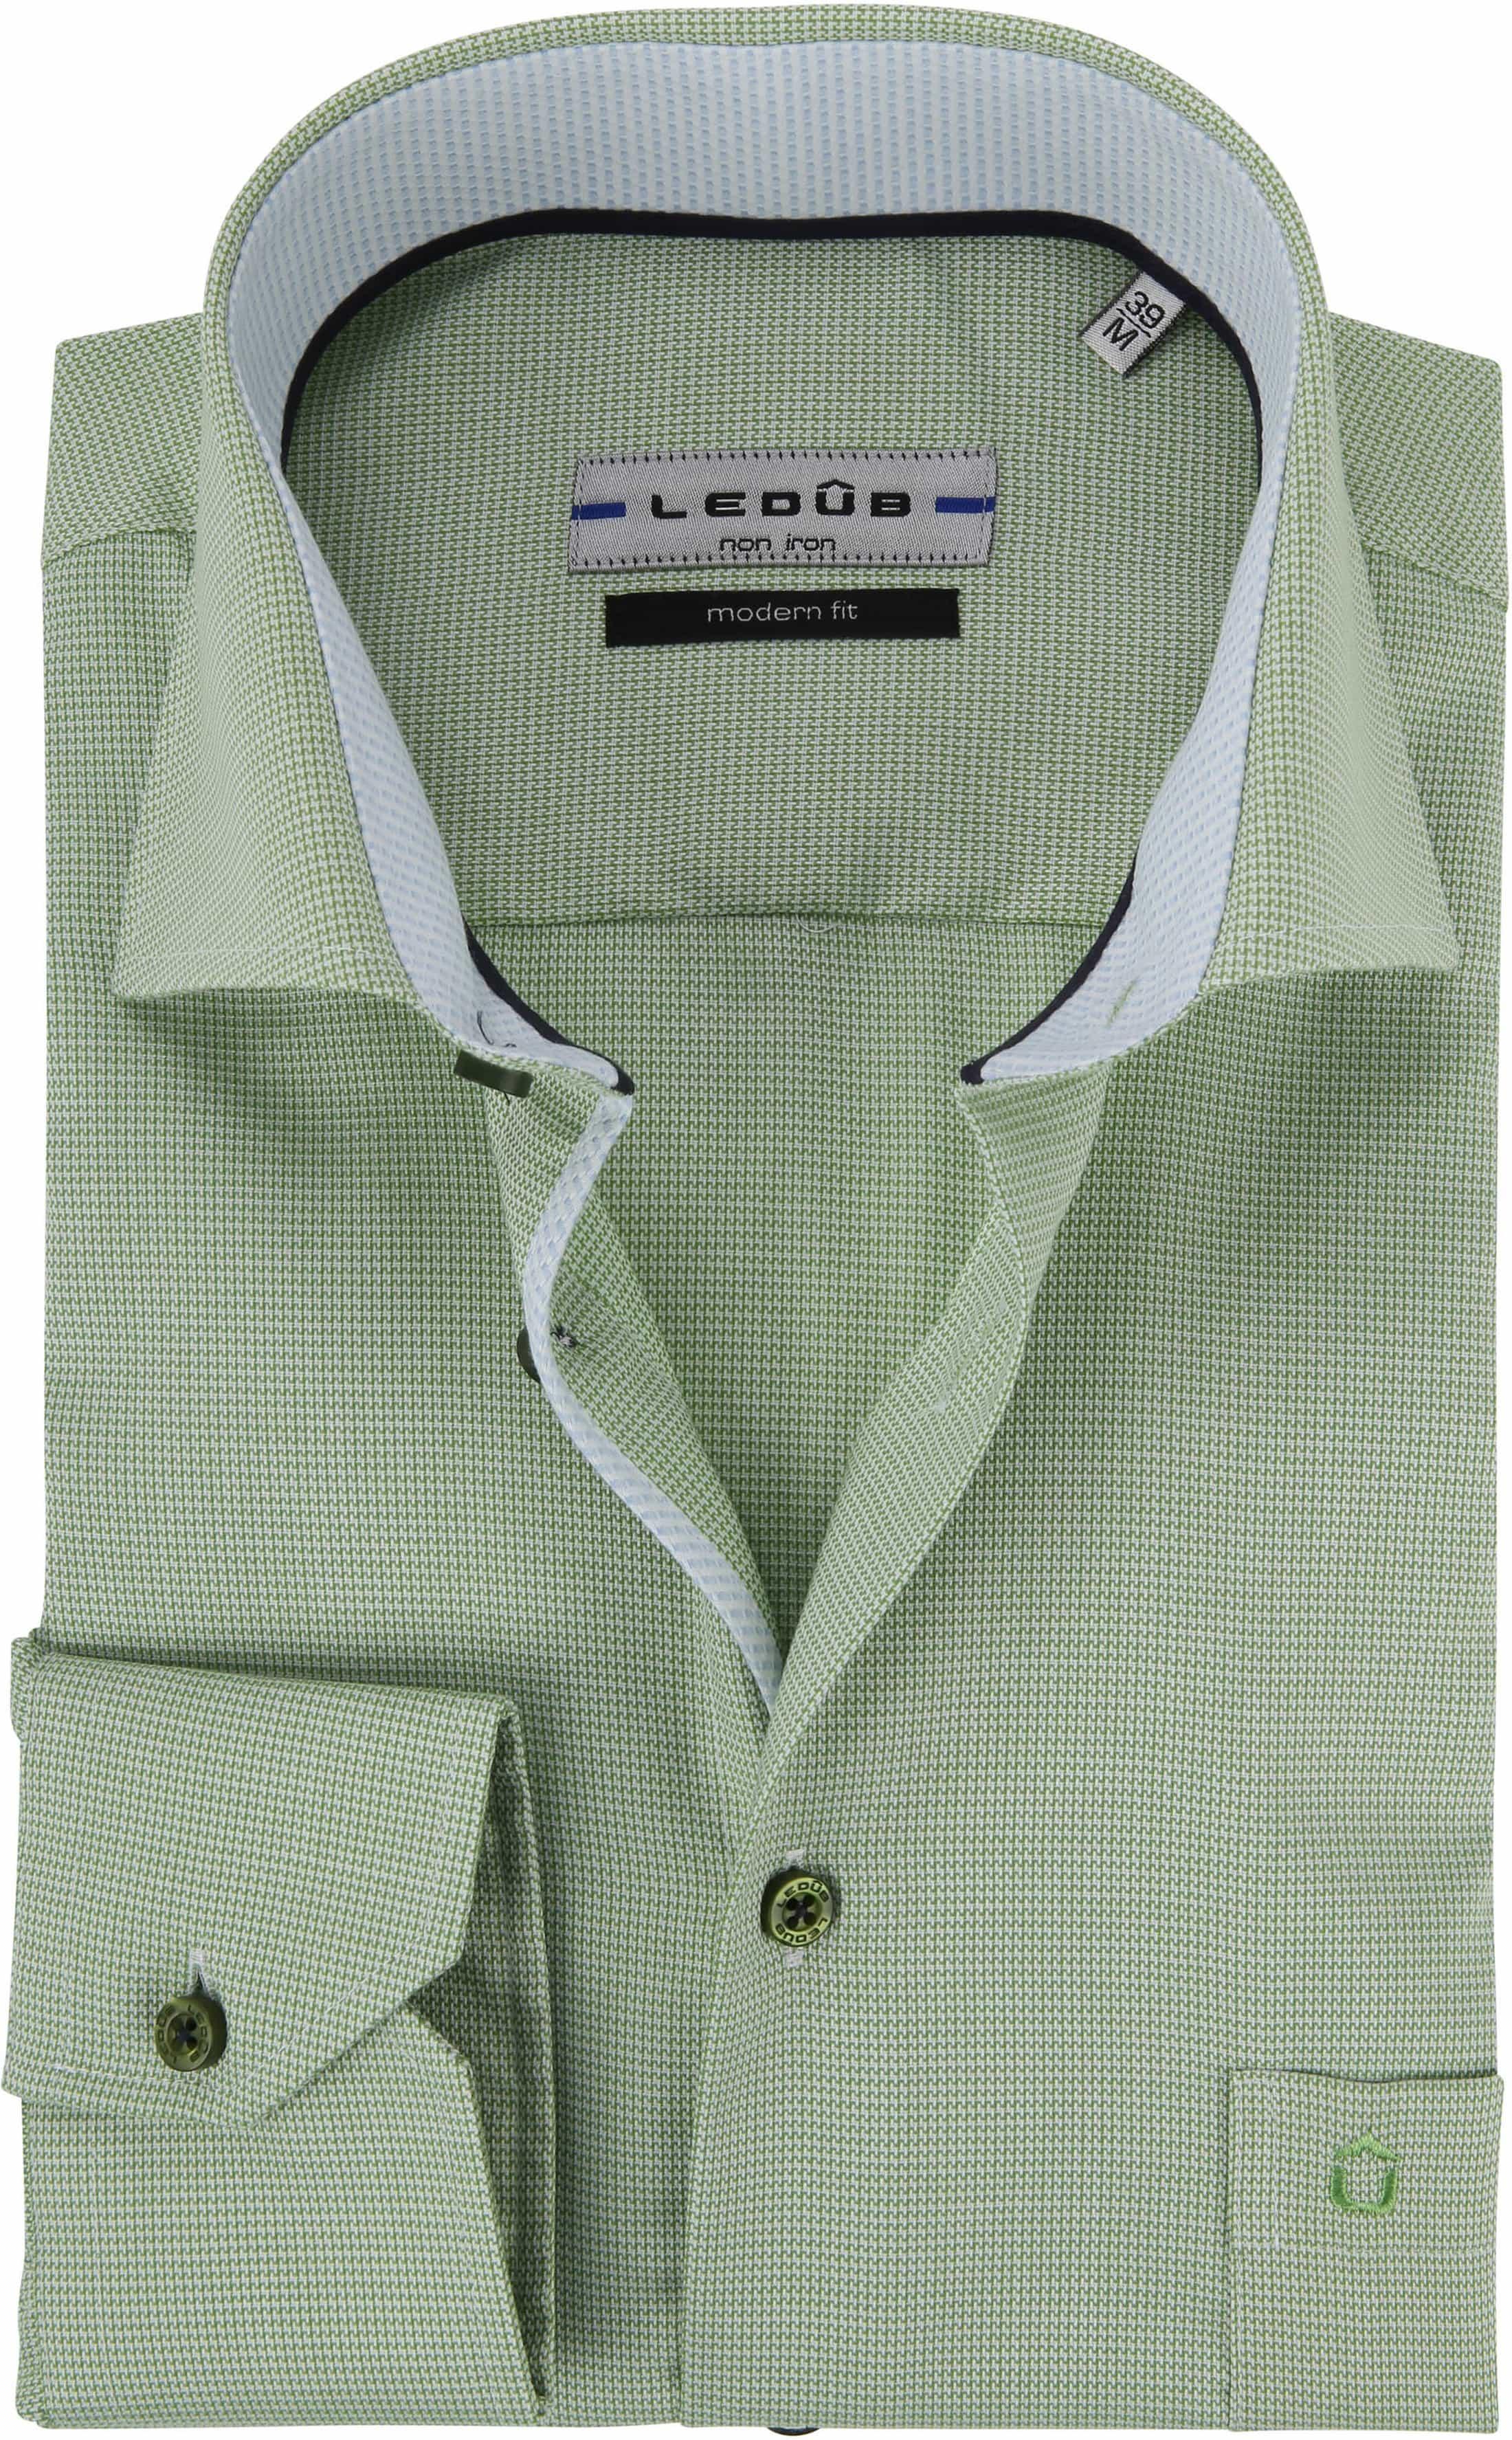 Ledub Overhemd Groen Non Iron MF foto 0